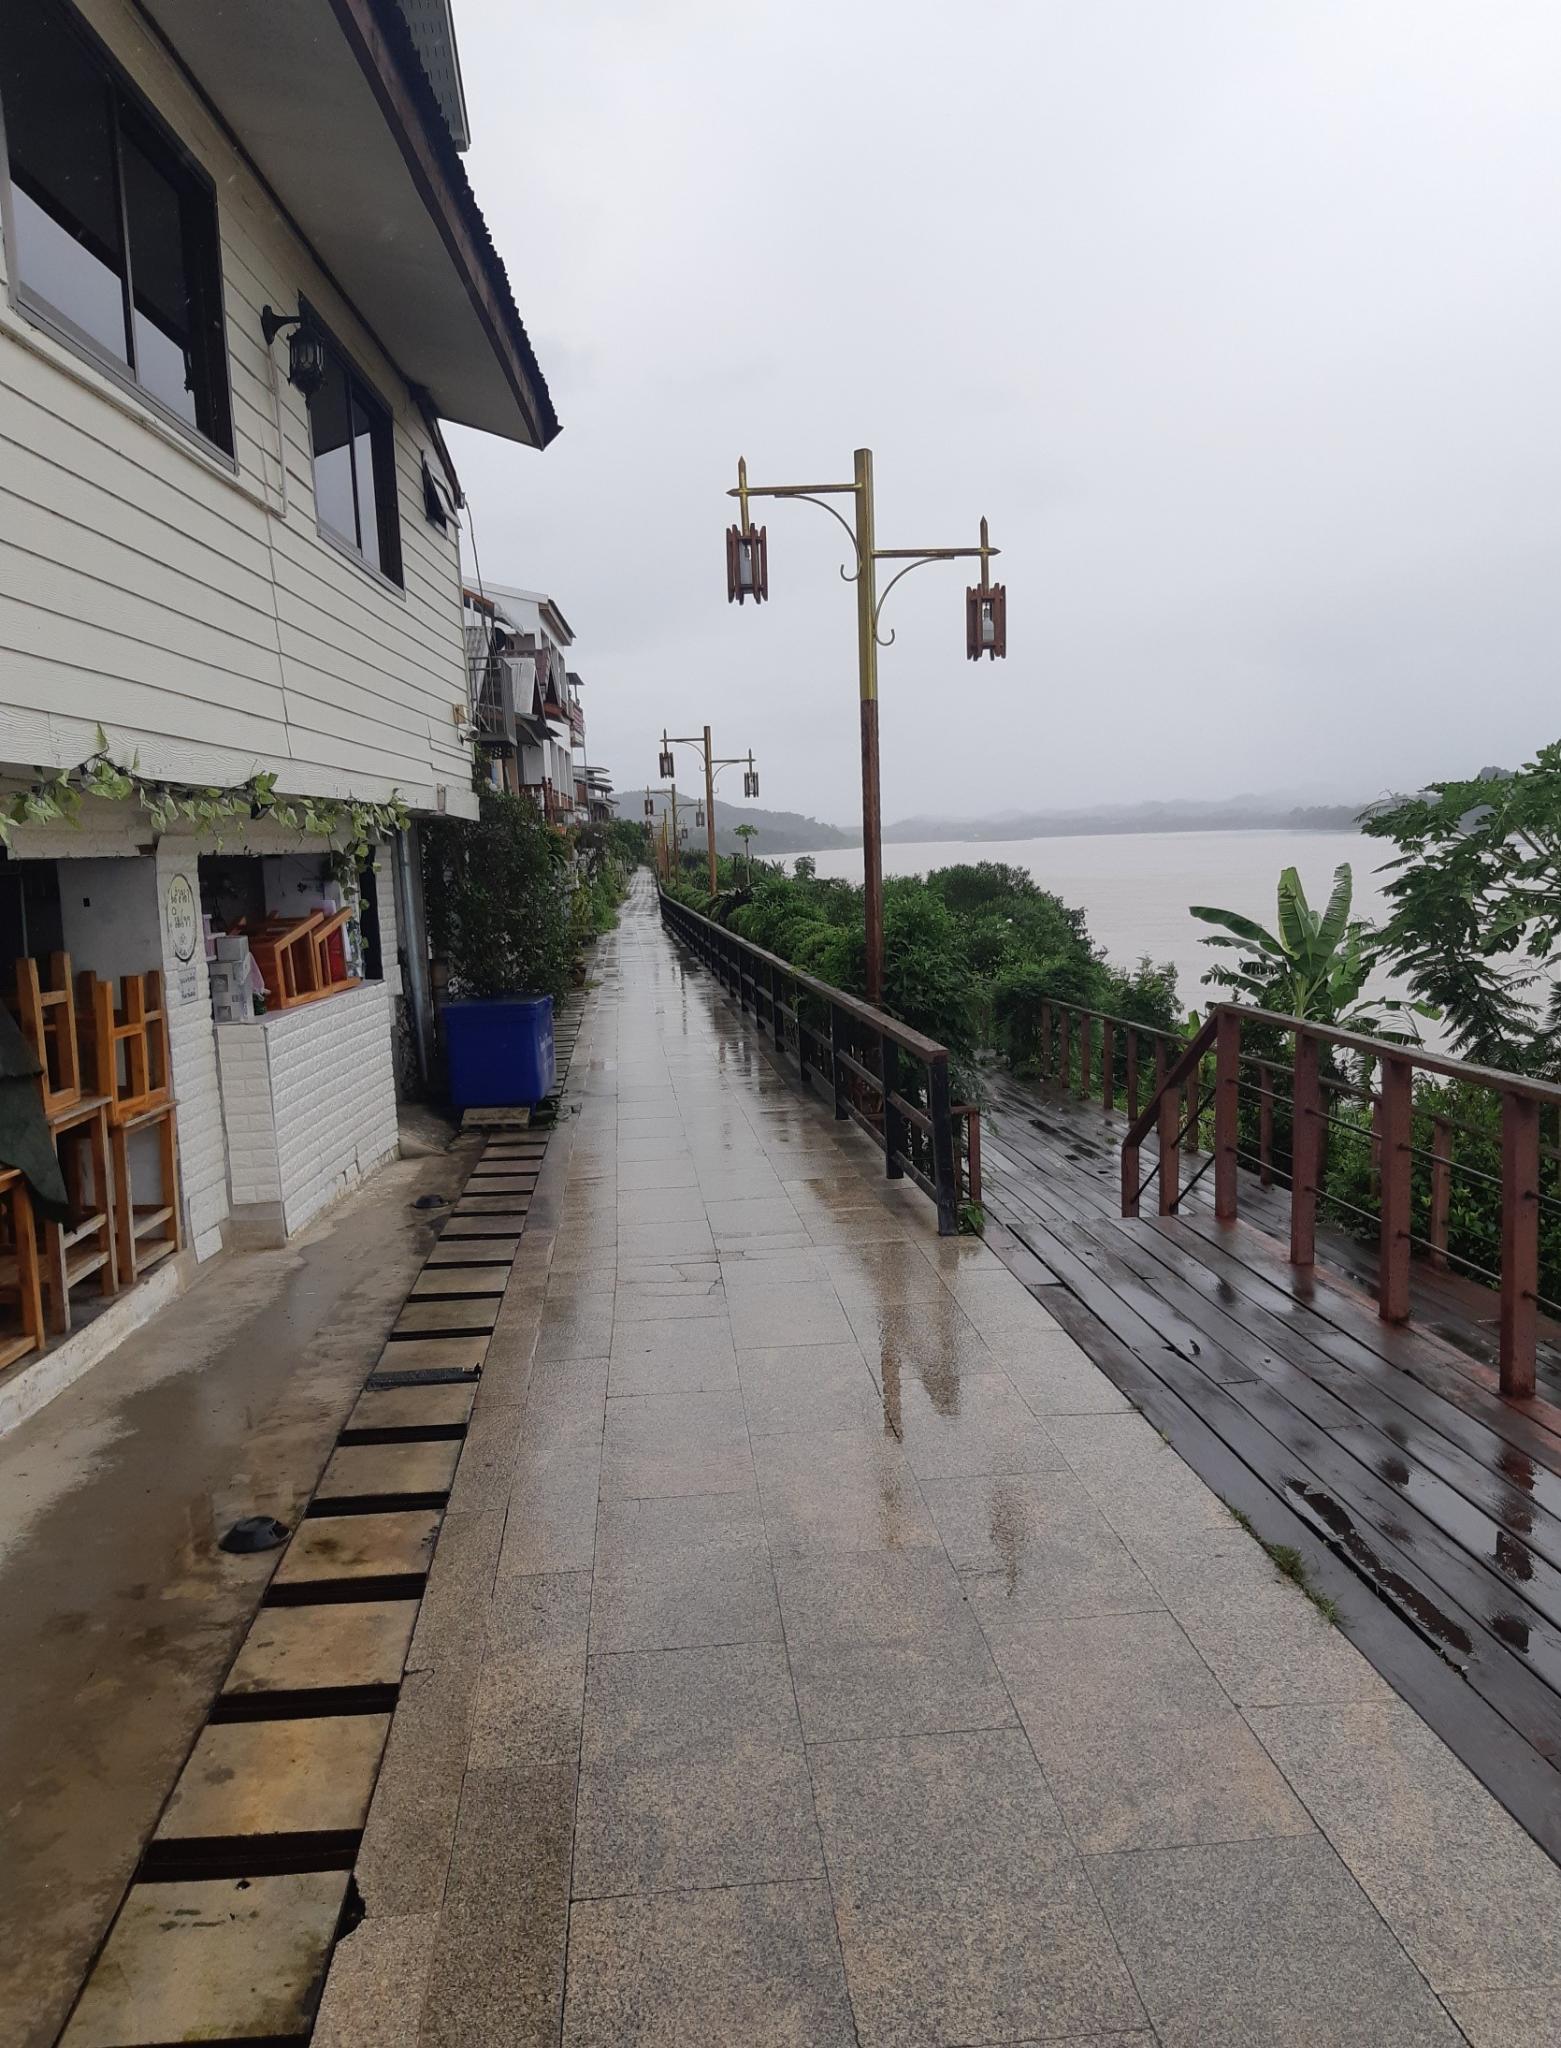 Chiang Khan, the wet weekend-ck14-jpg